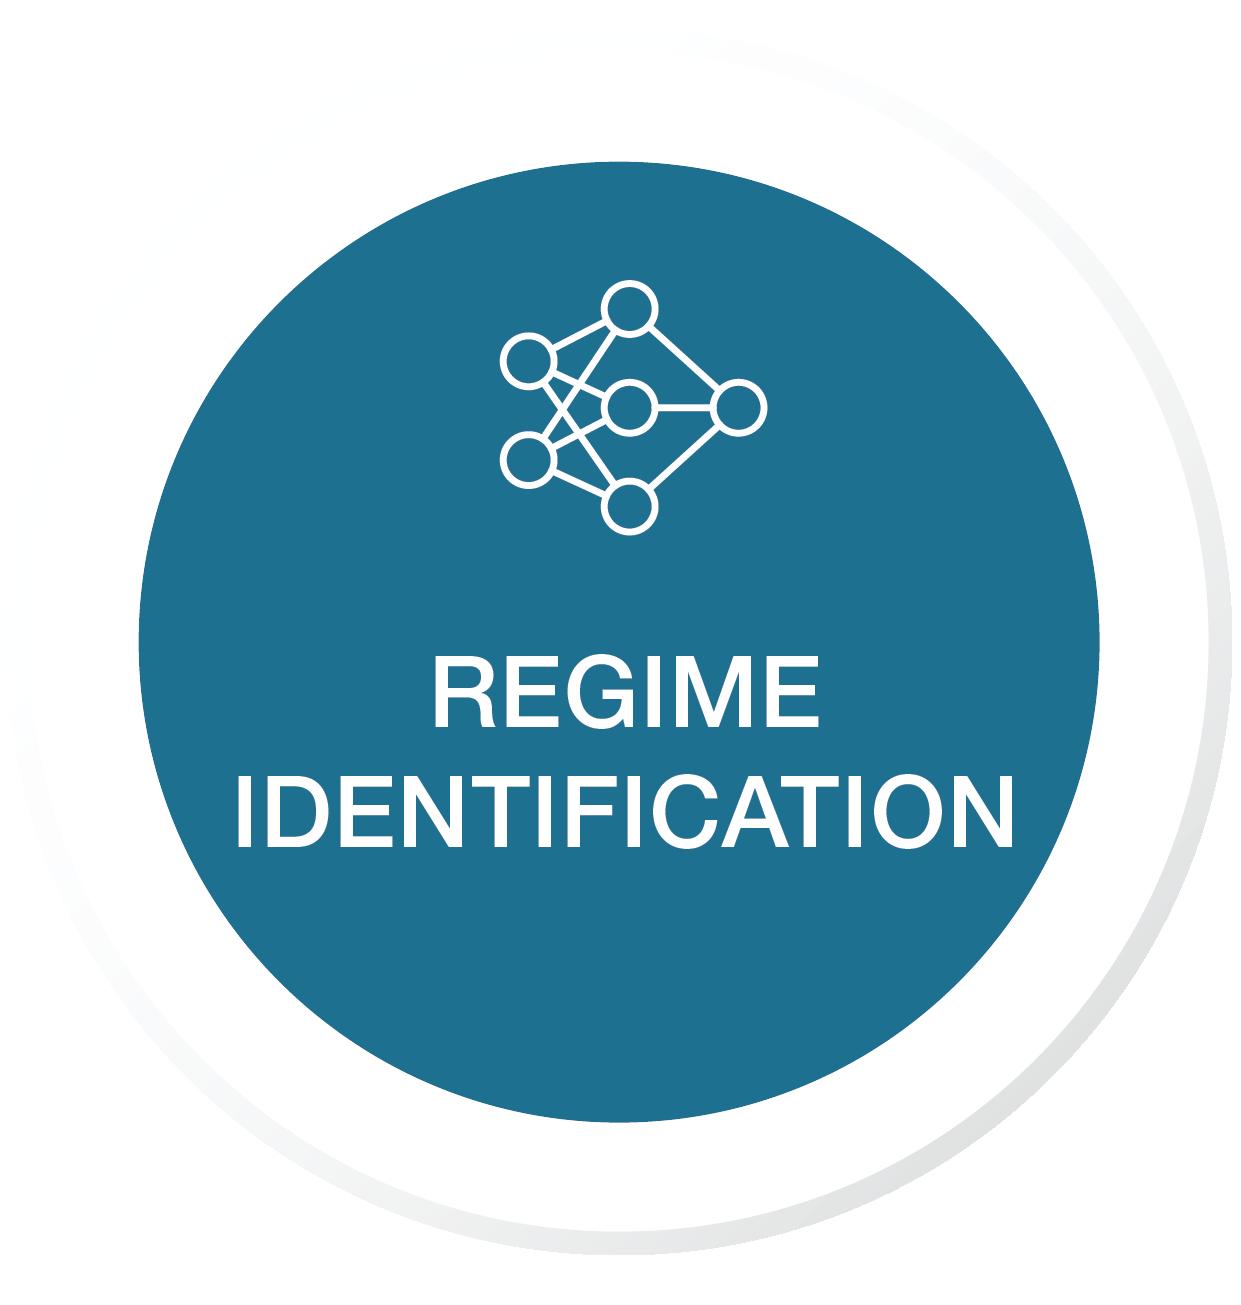 REGIME-Ident